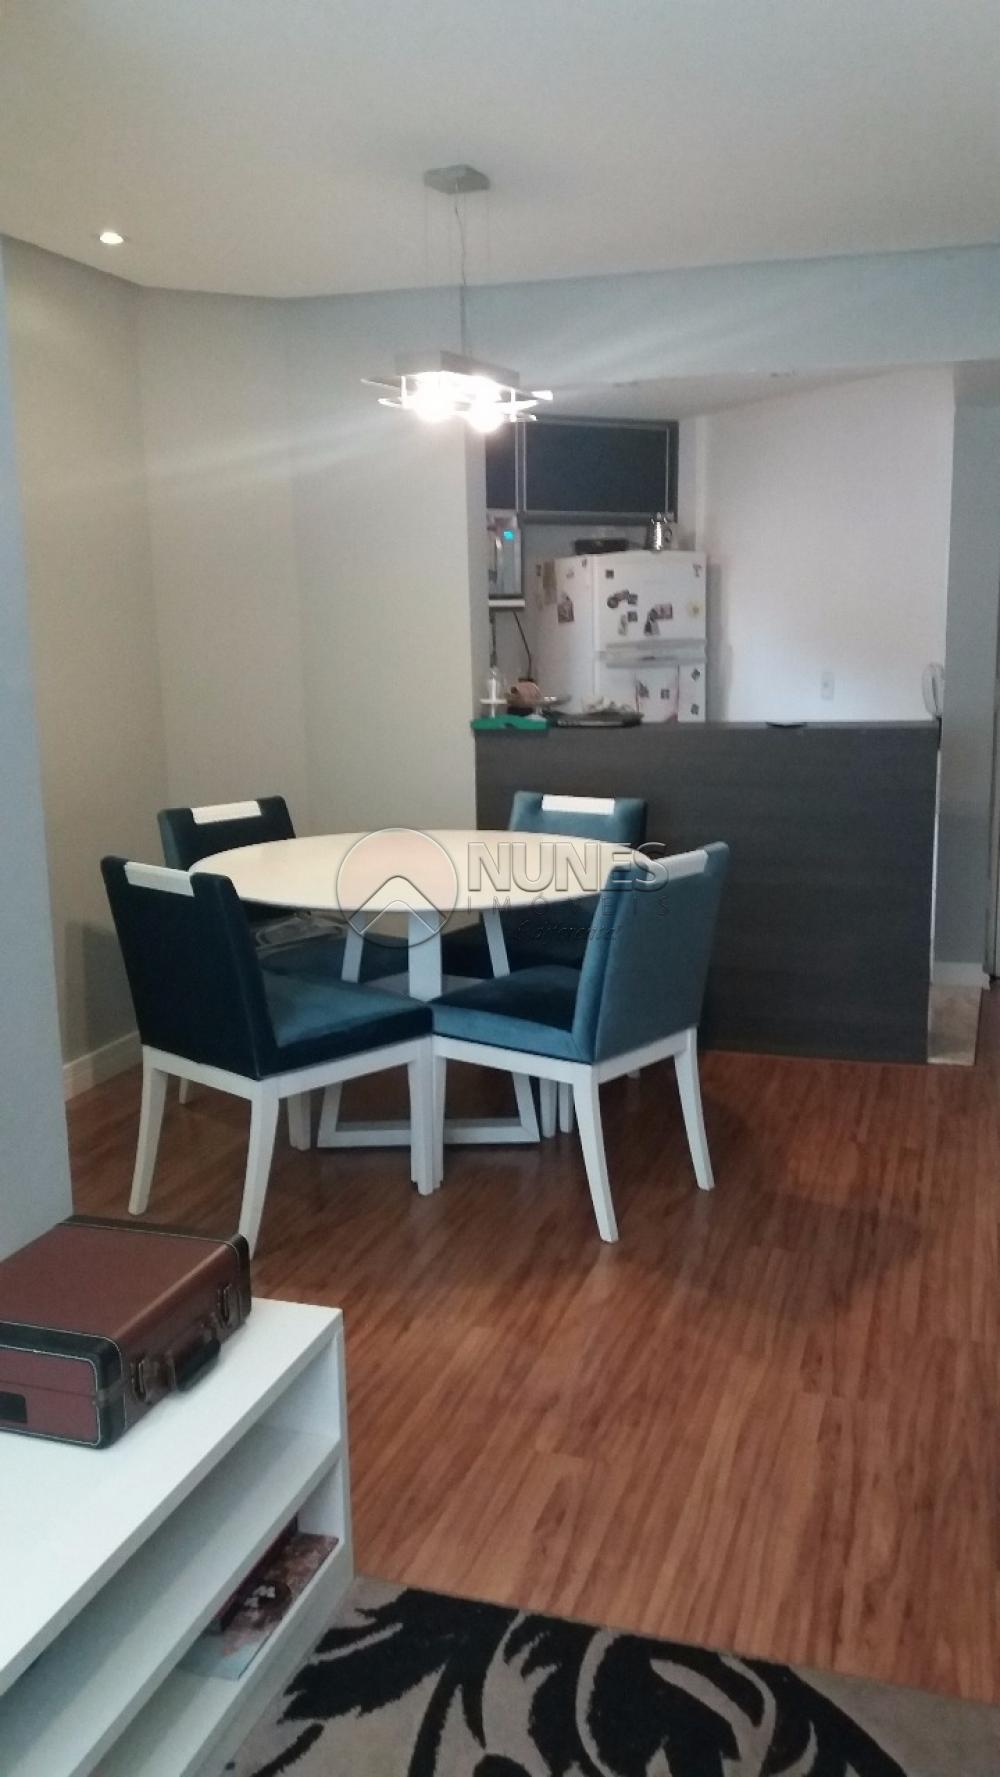 Comprar Apartamento / Padrão em Osasco R$ 230.000,00 - Foto 3